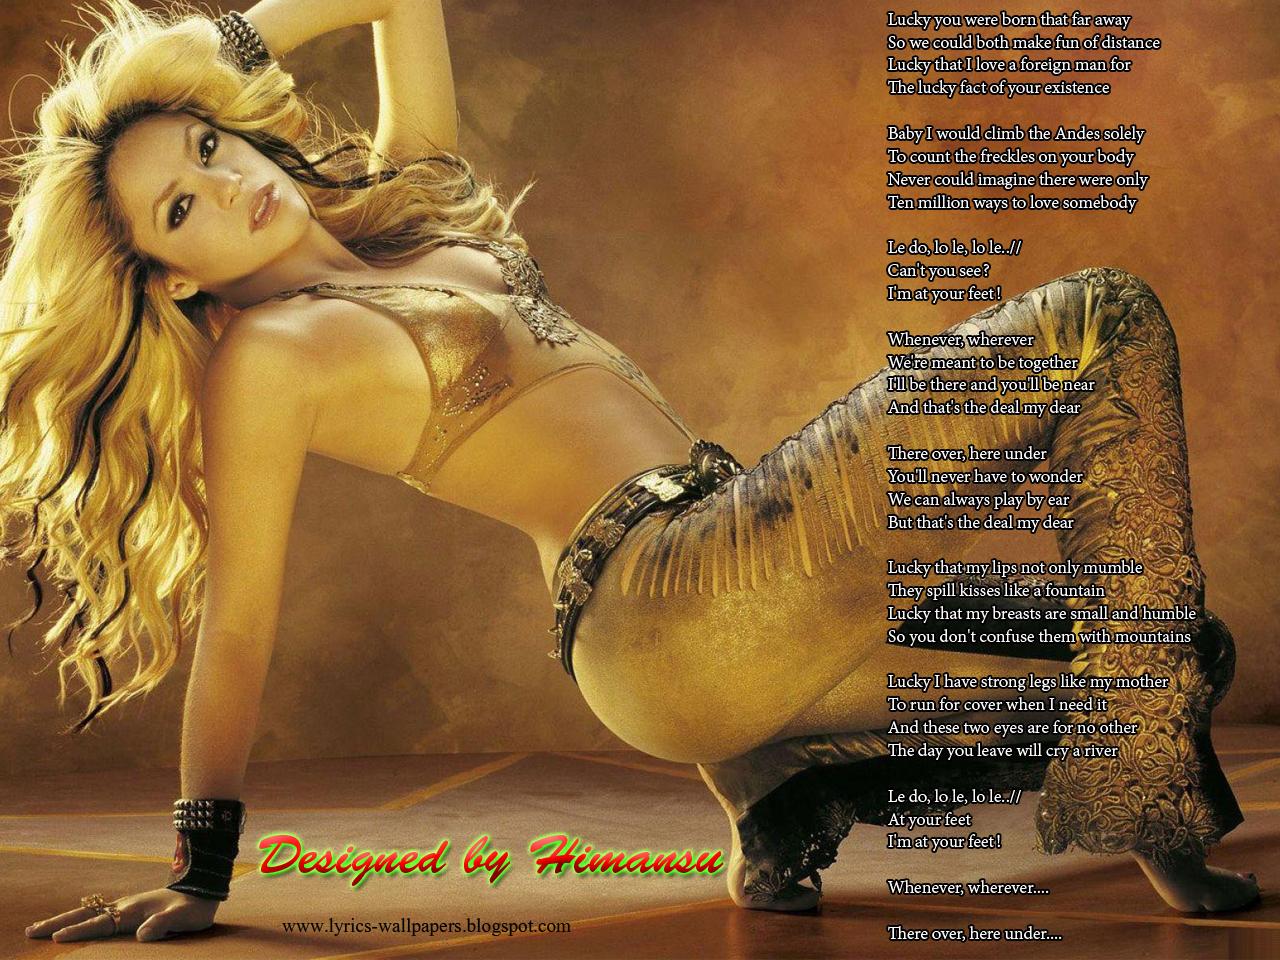 http://1.bp.blogspot.com/-nvz3ZknQ4aw/UHGQIv_aqfI/AAAAAAAAAKo/i4ojaCw69TM/s1600/whenever...jpg